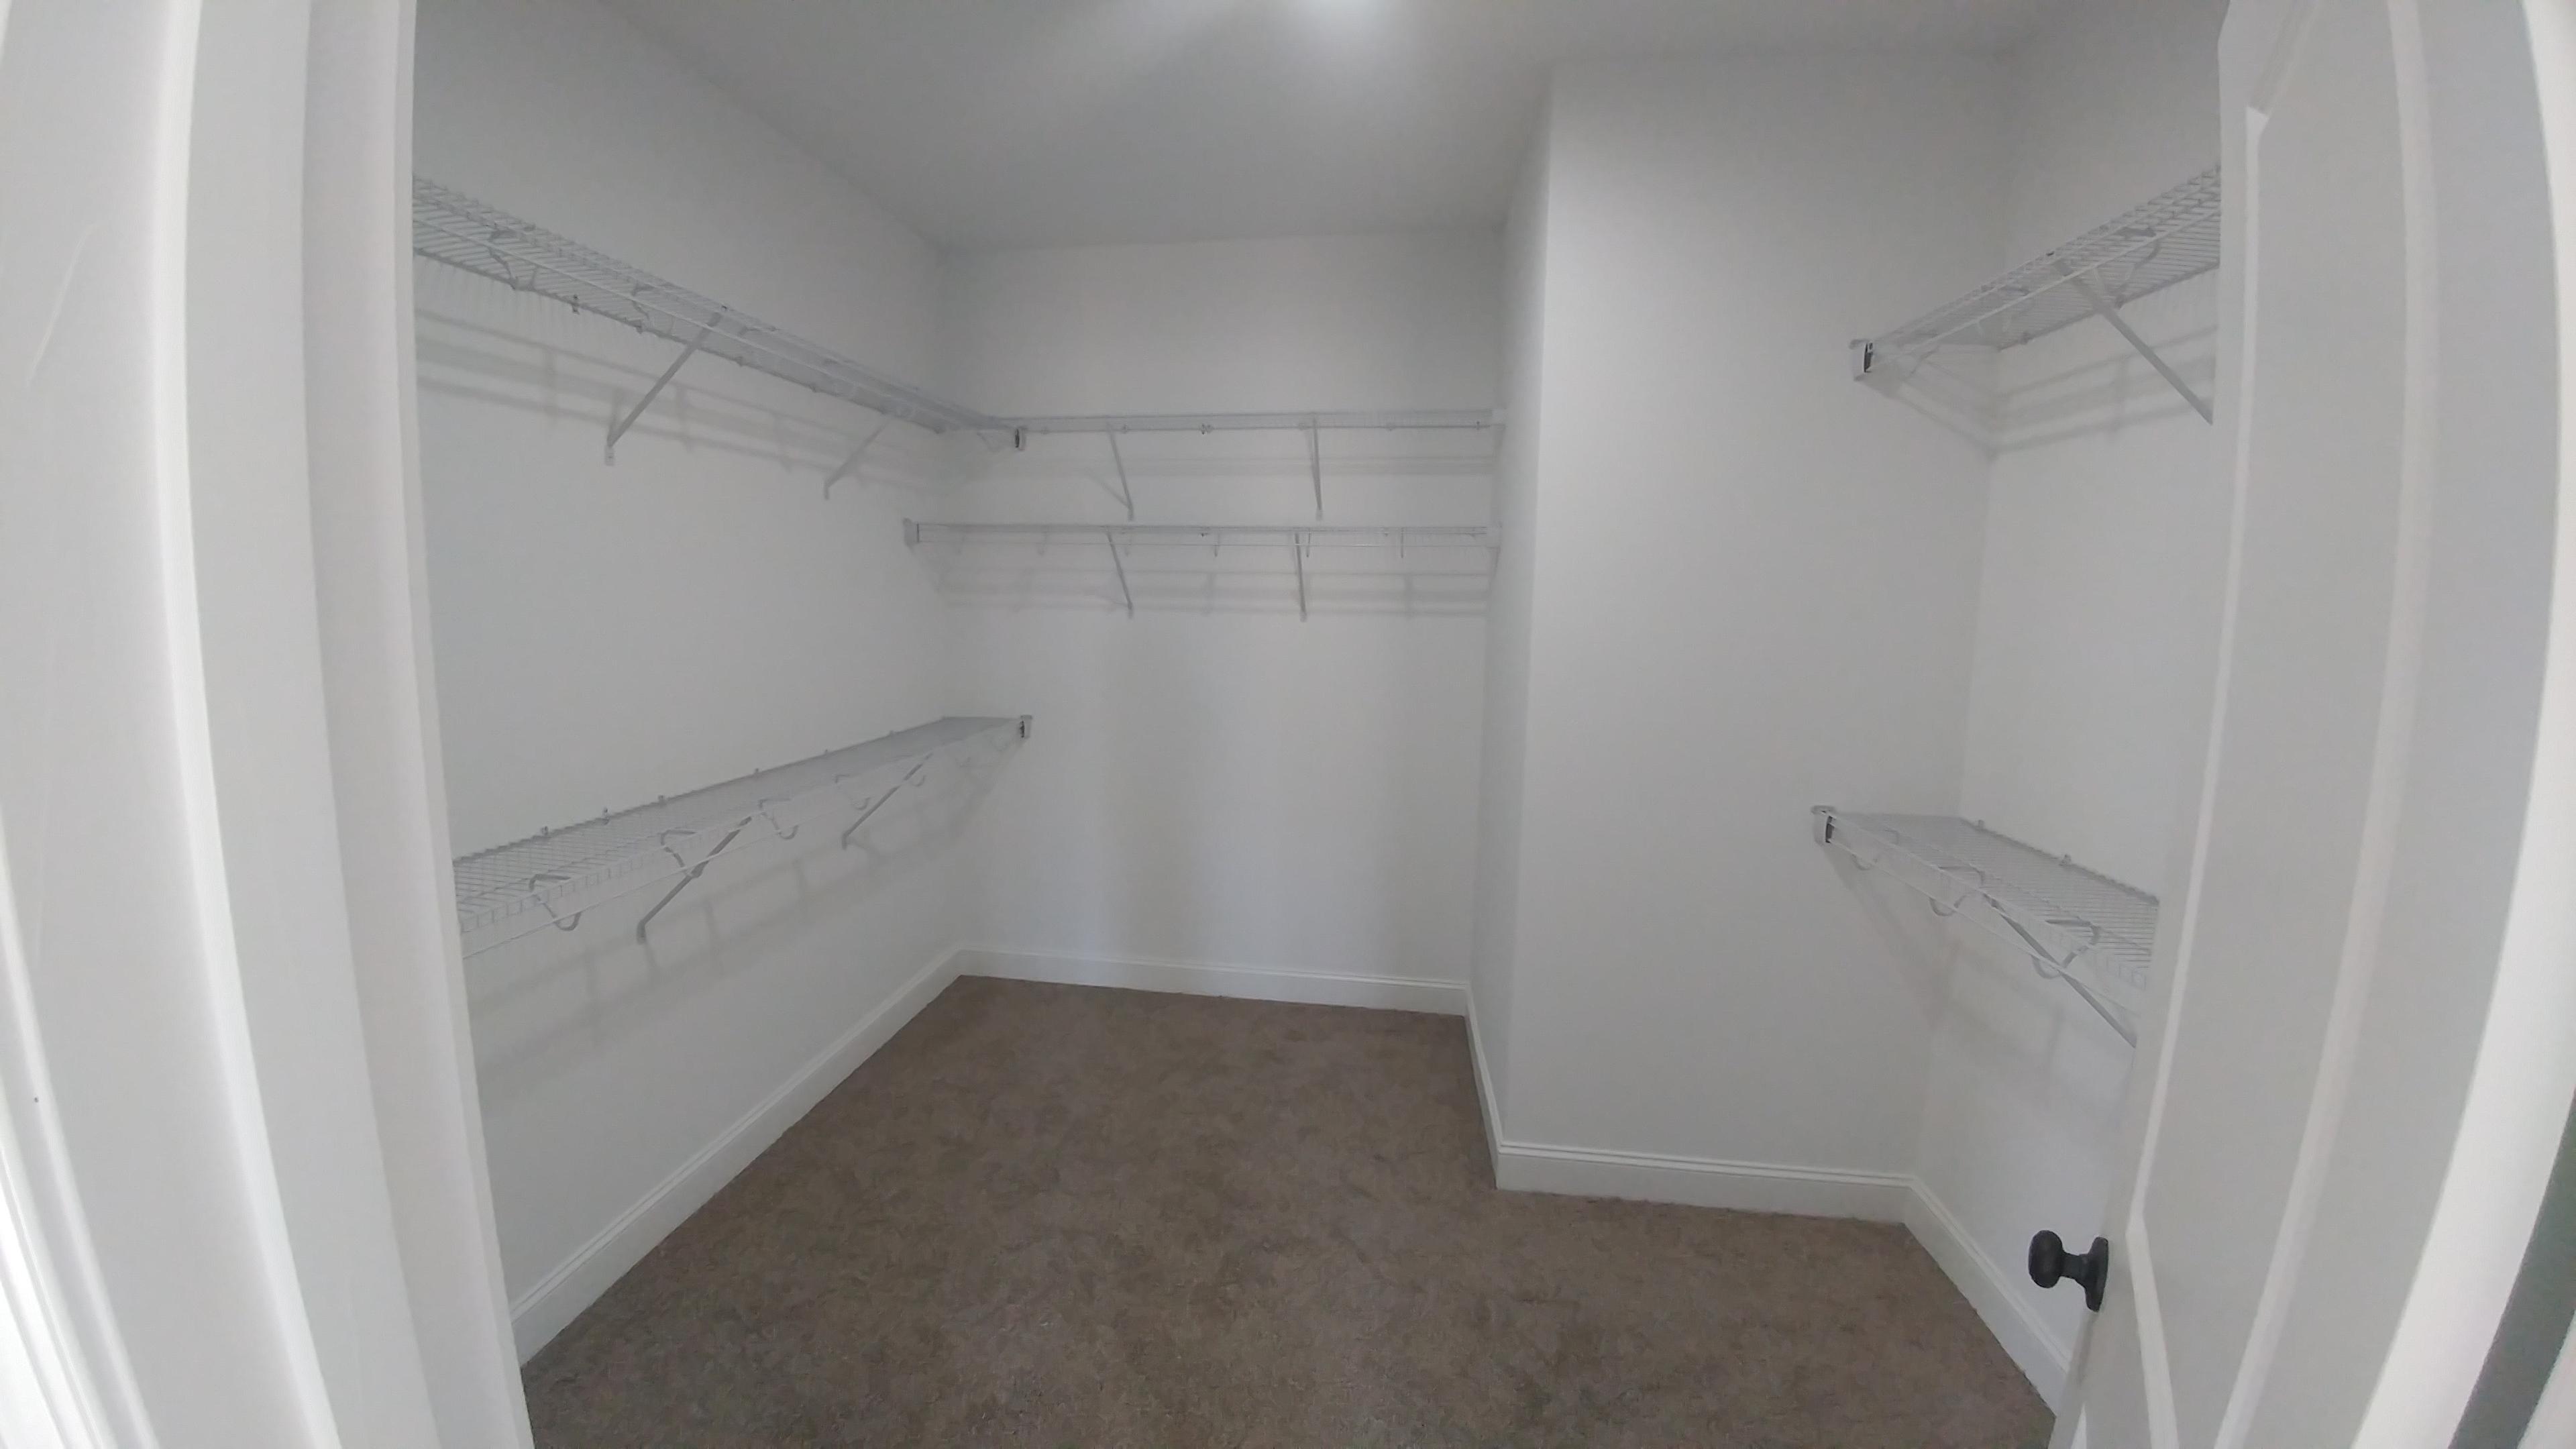 107 Emerald Ct. - master closet